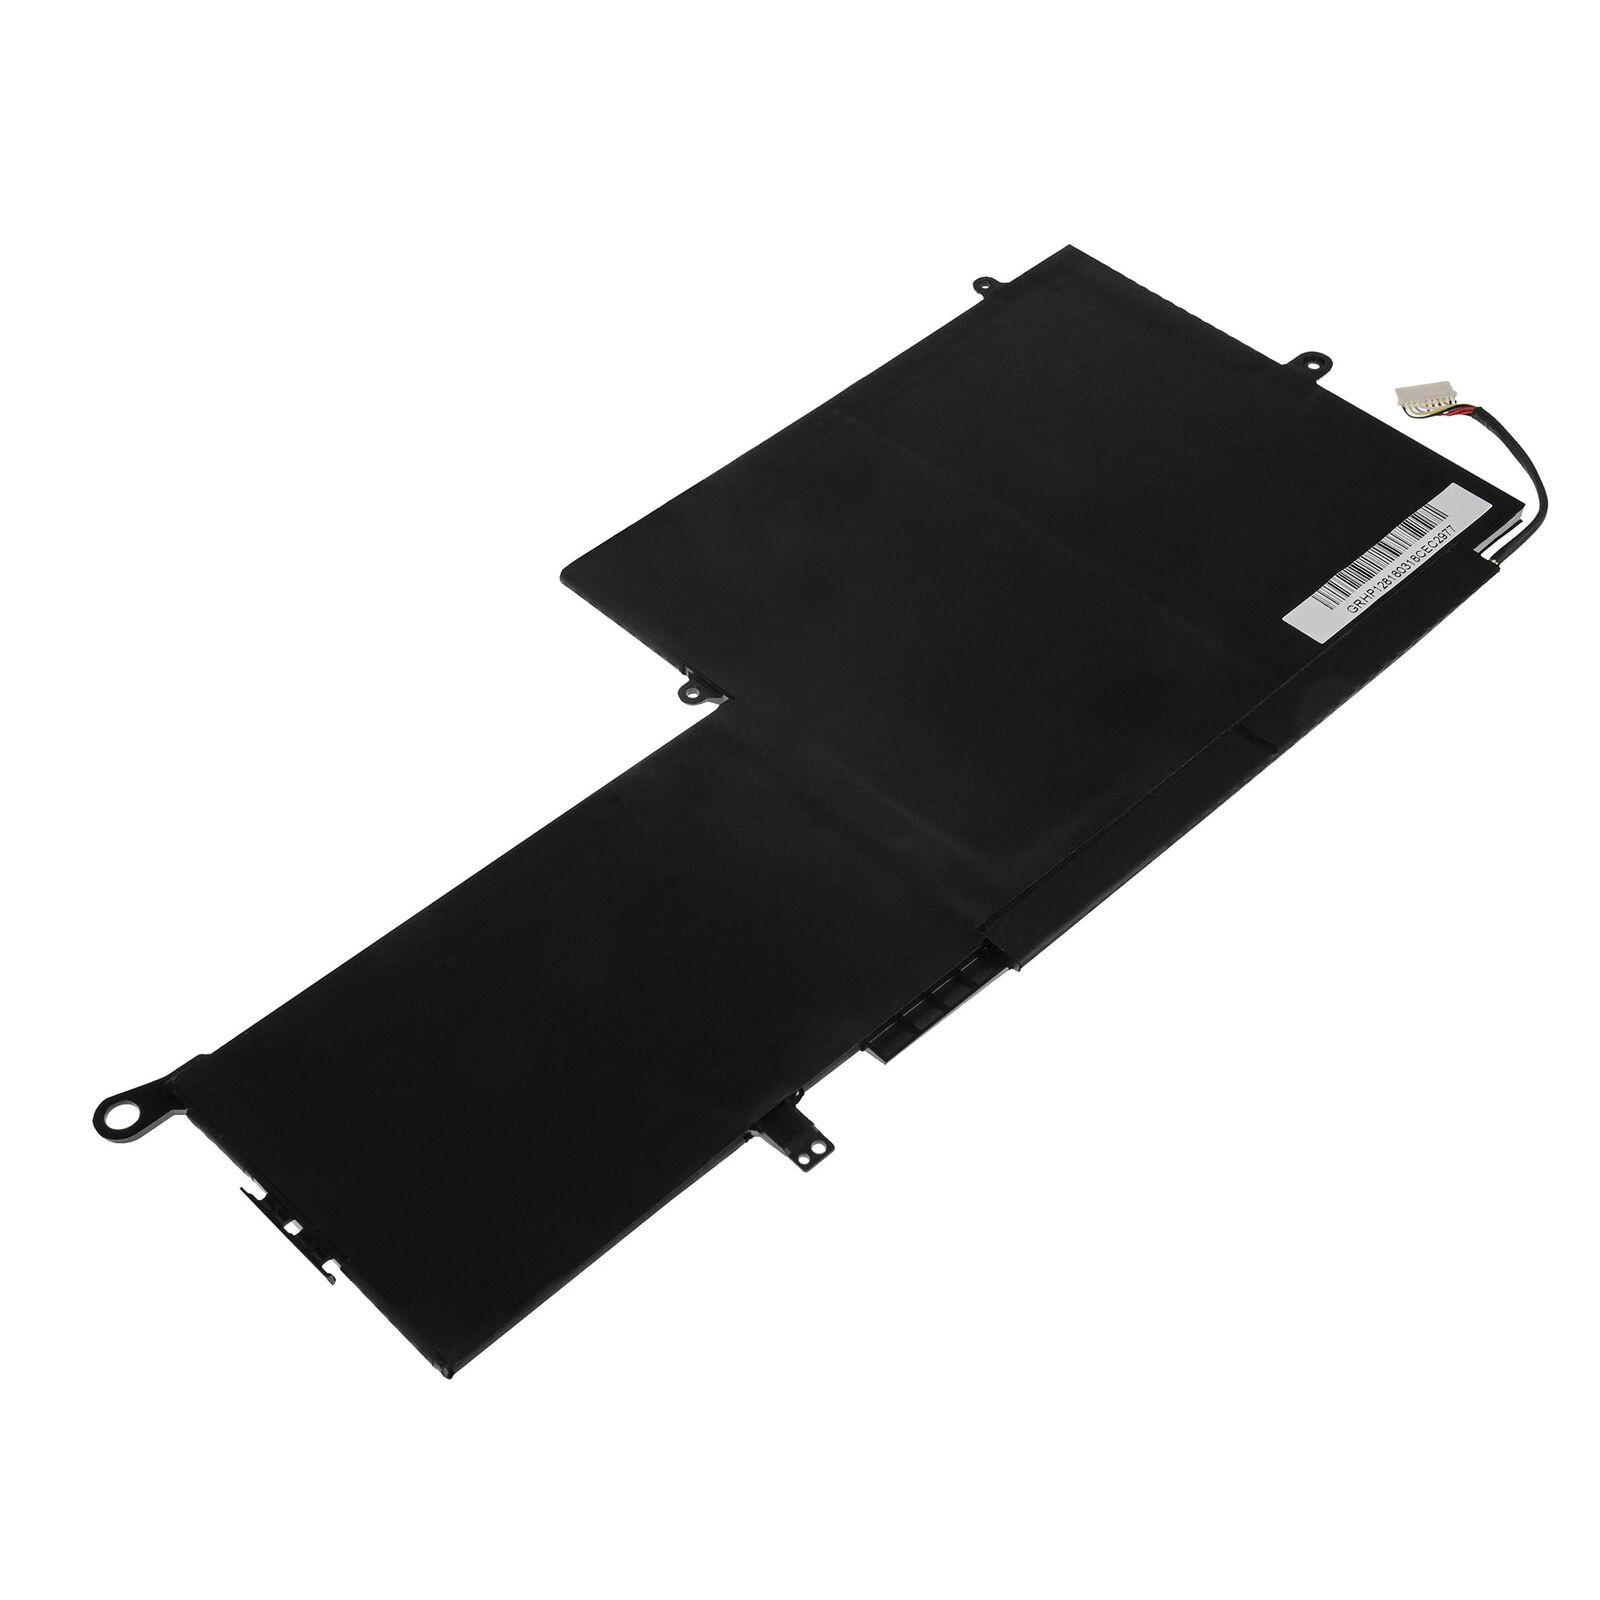 Batería para HP Spectre x360 Convertible PC,PC 13,PC G1 HSTNN-DB6S/PK03056XL(compatible)